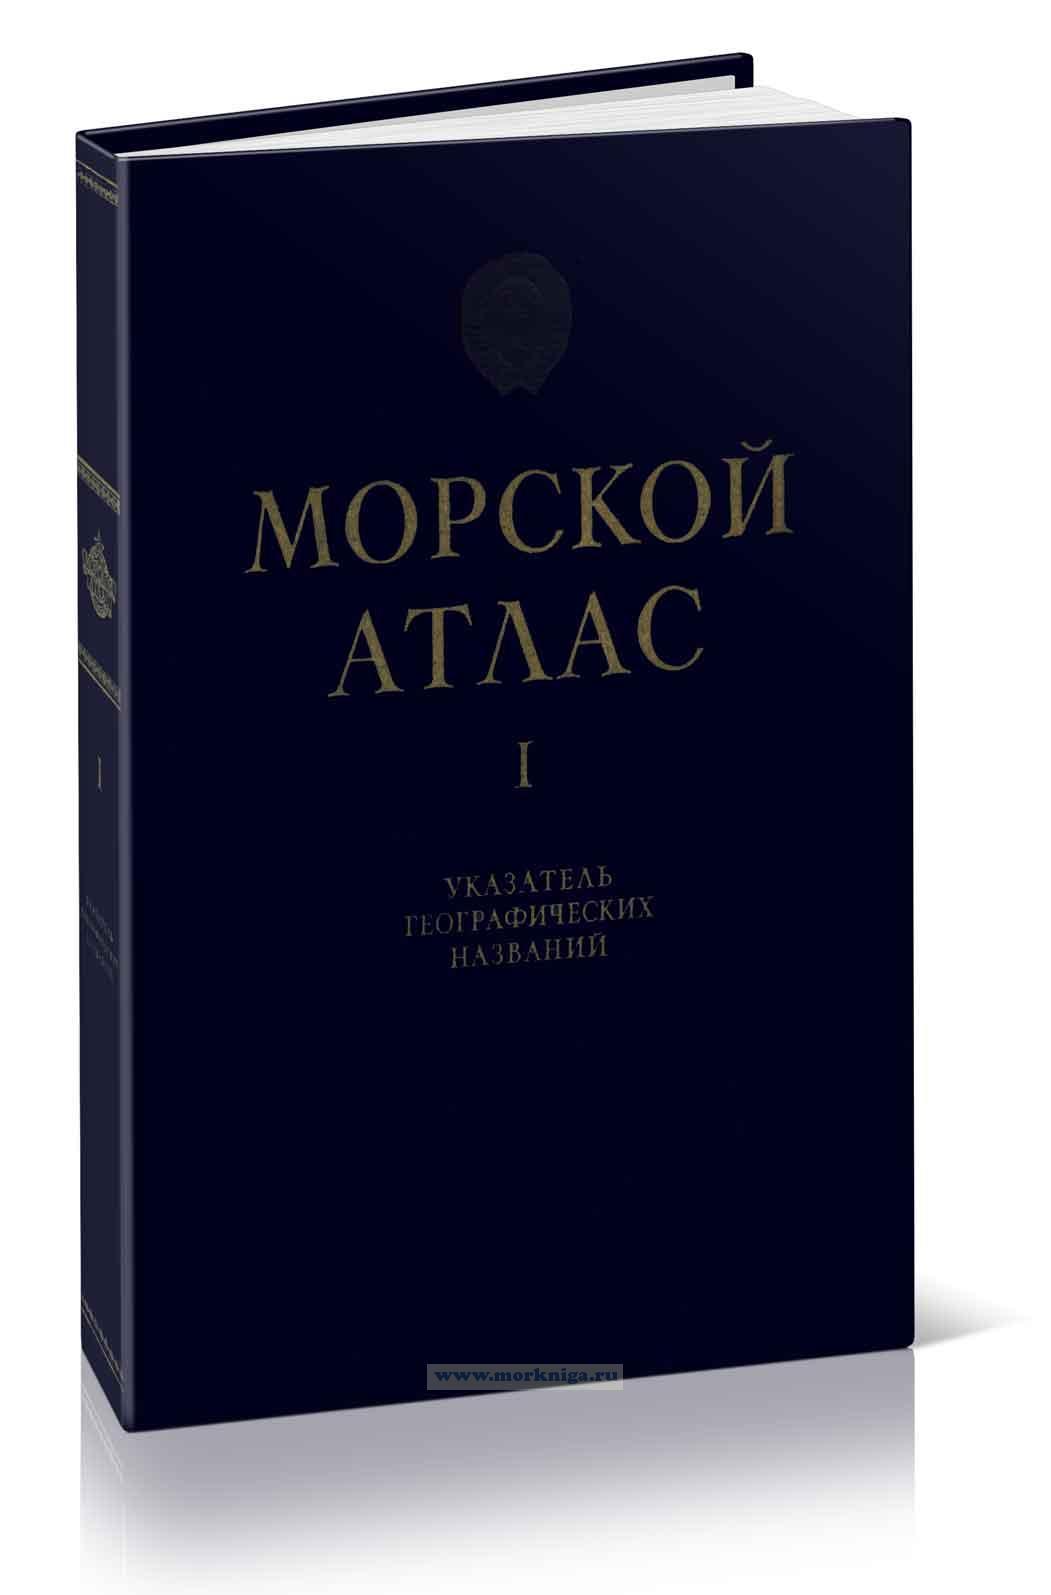 Морской атлас. Том 1. Указатель географических названий